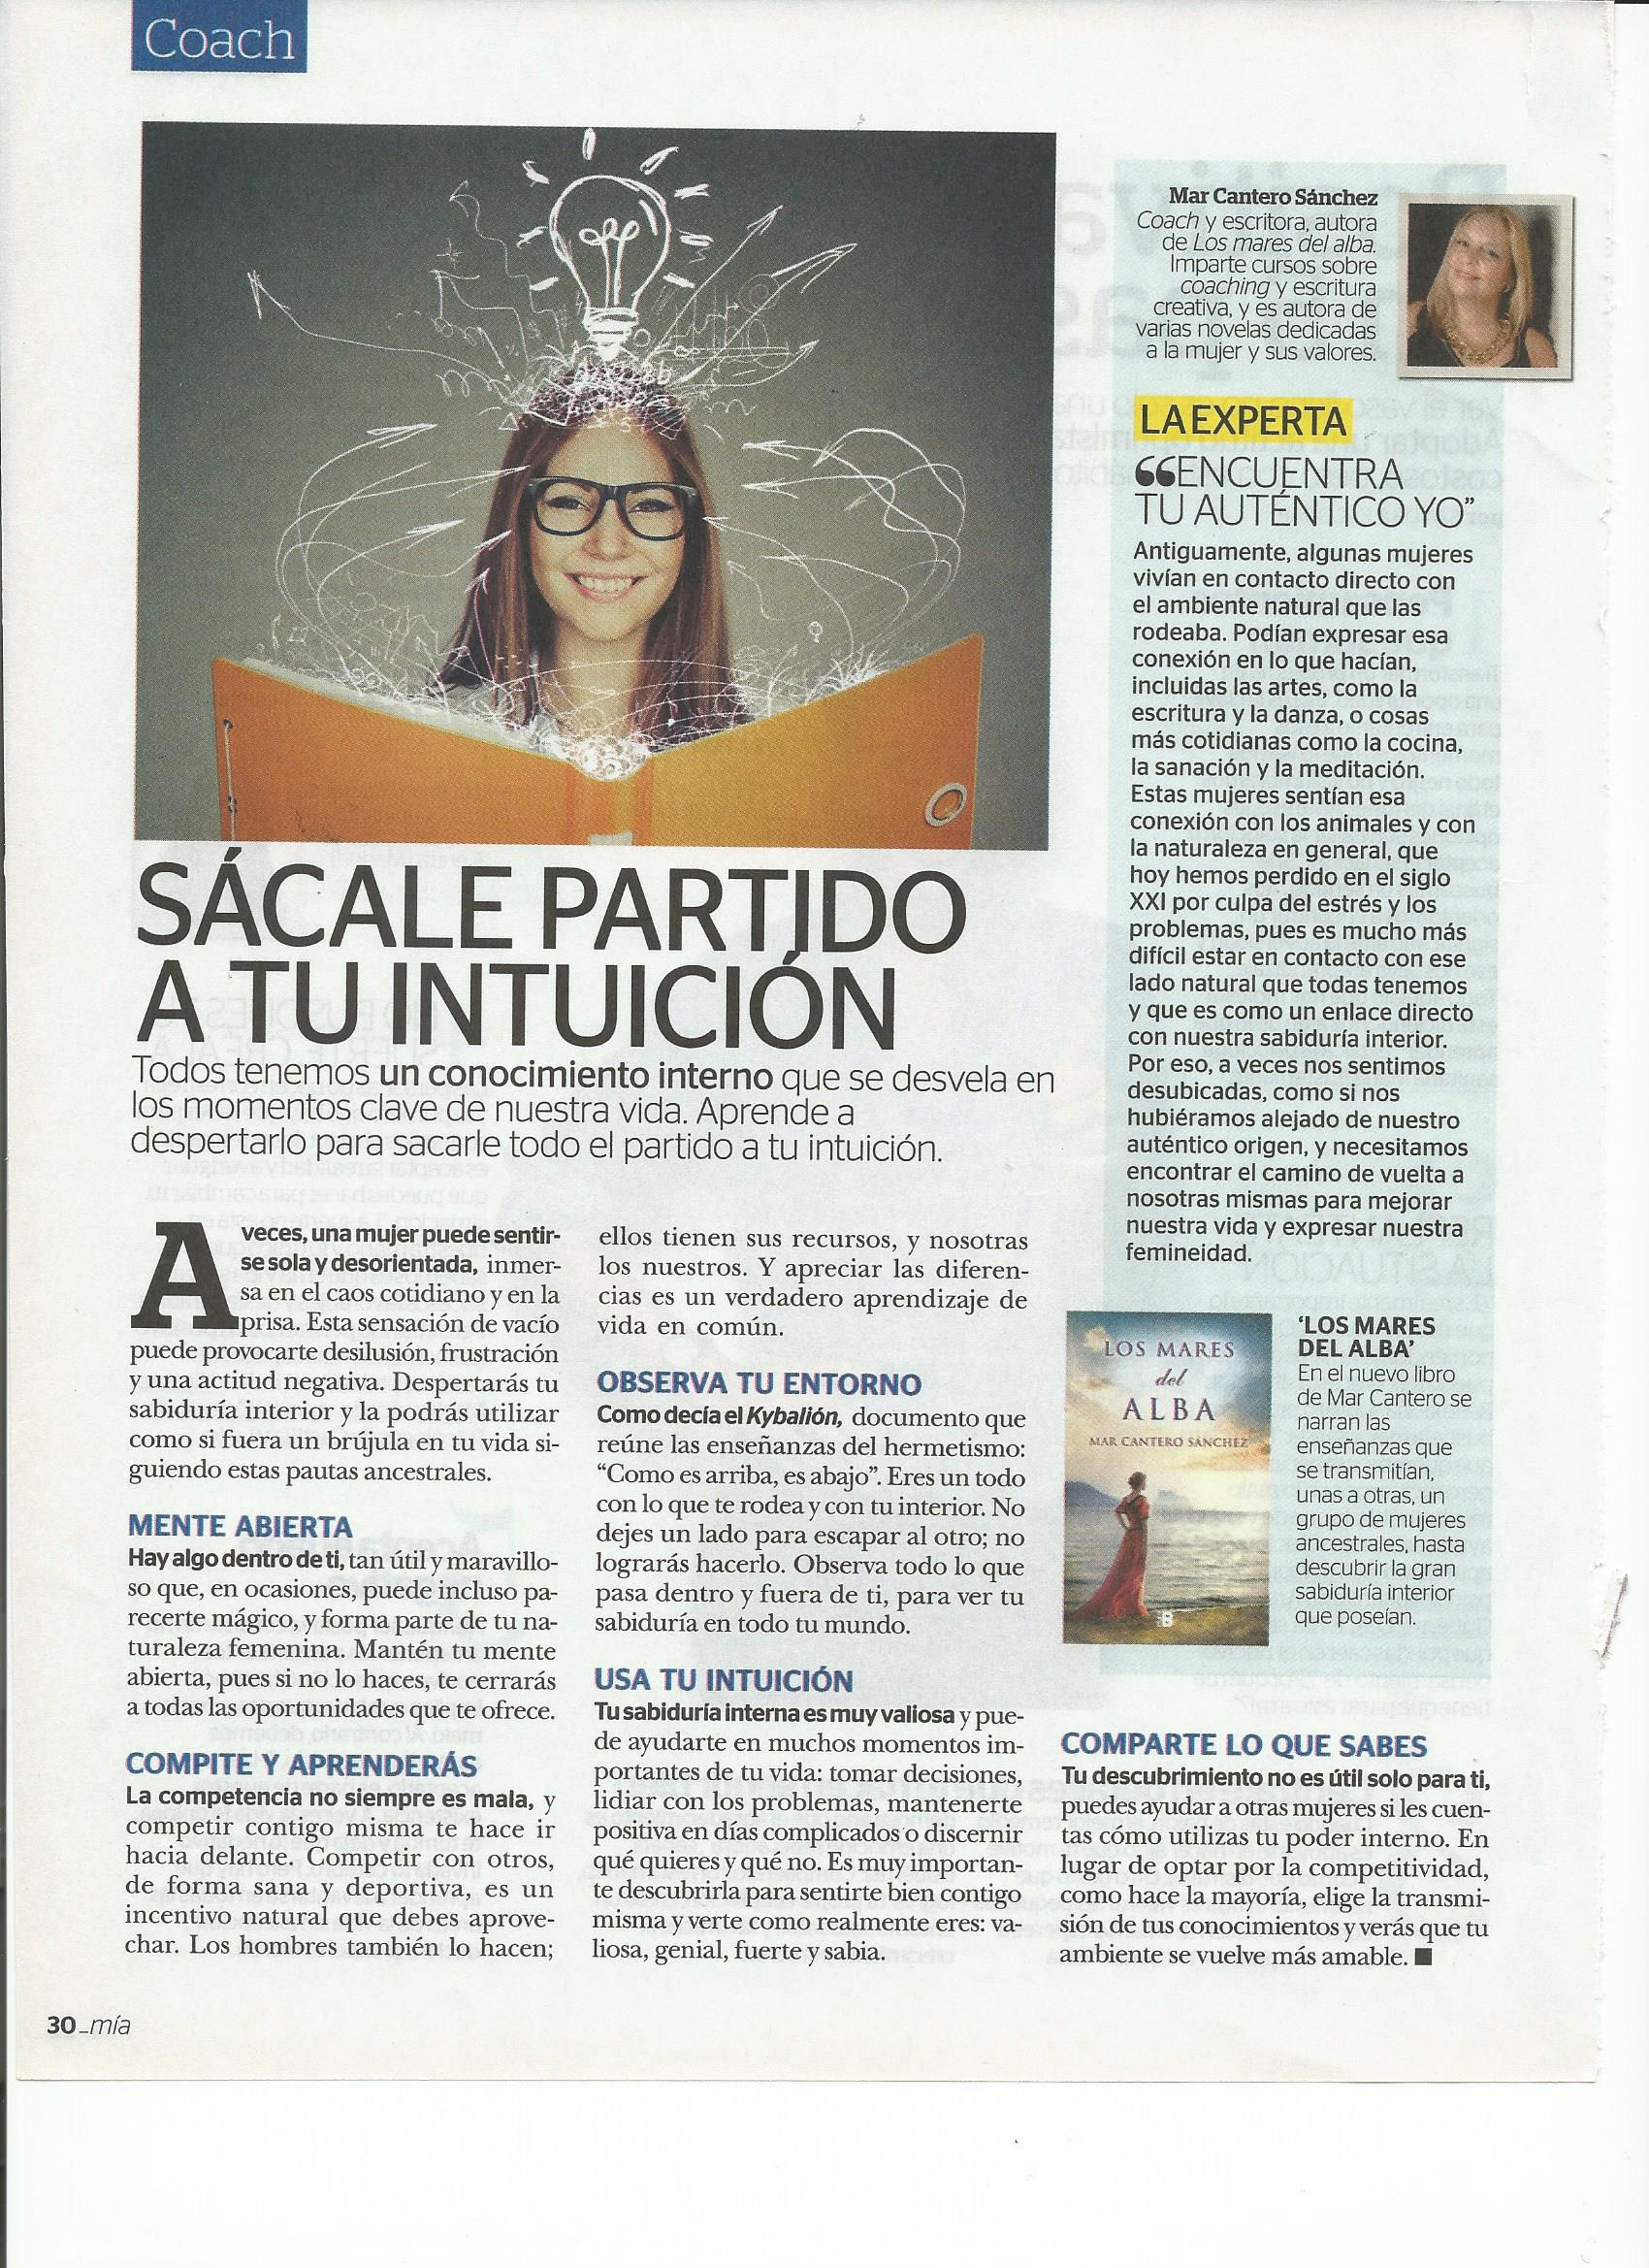 Los mares del alba, revista MÏA artículo, Mar Cantero Sánchez, www.marcanterosanchez.com